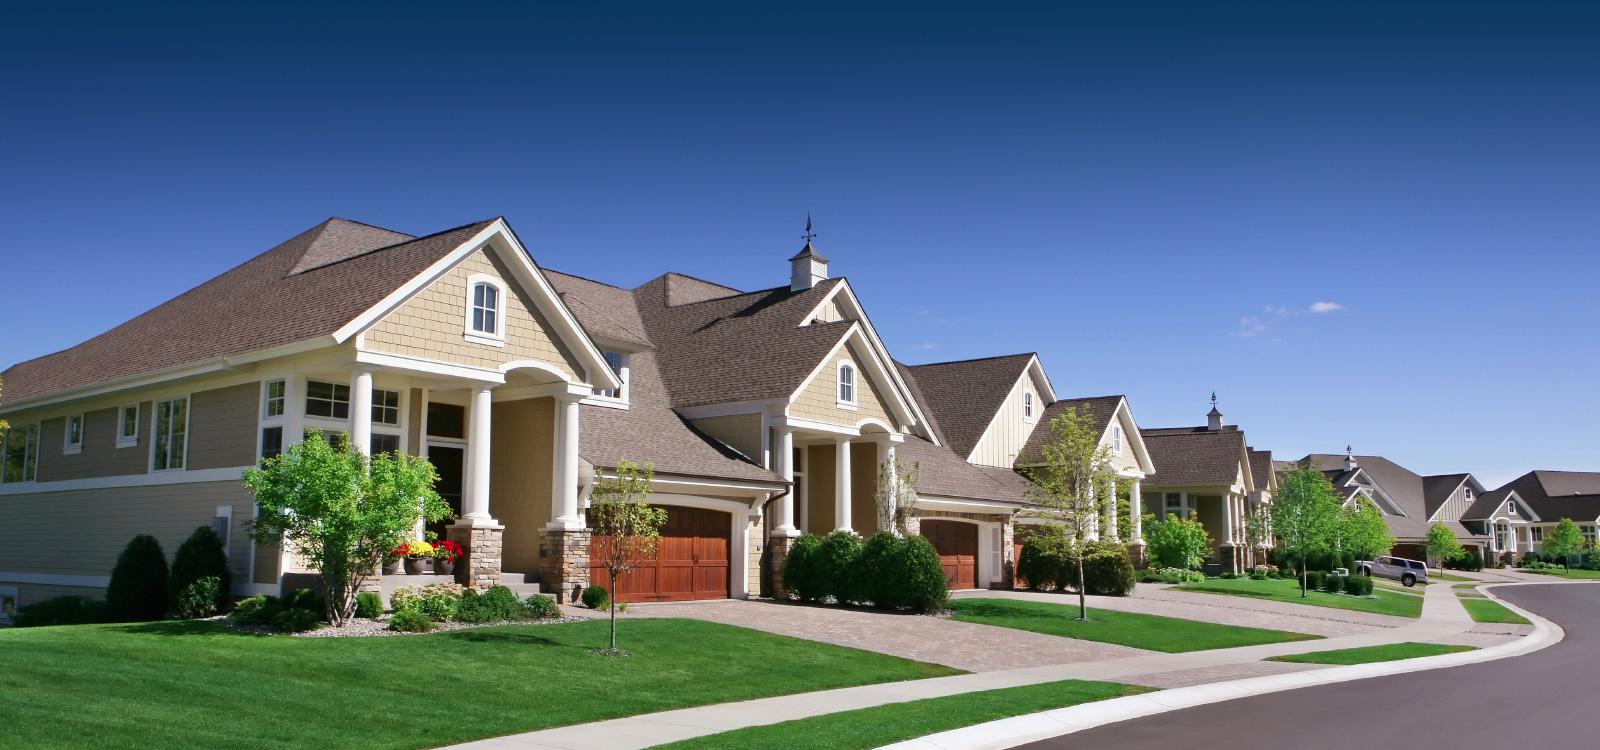 Home Inspection Checklist Hammond